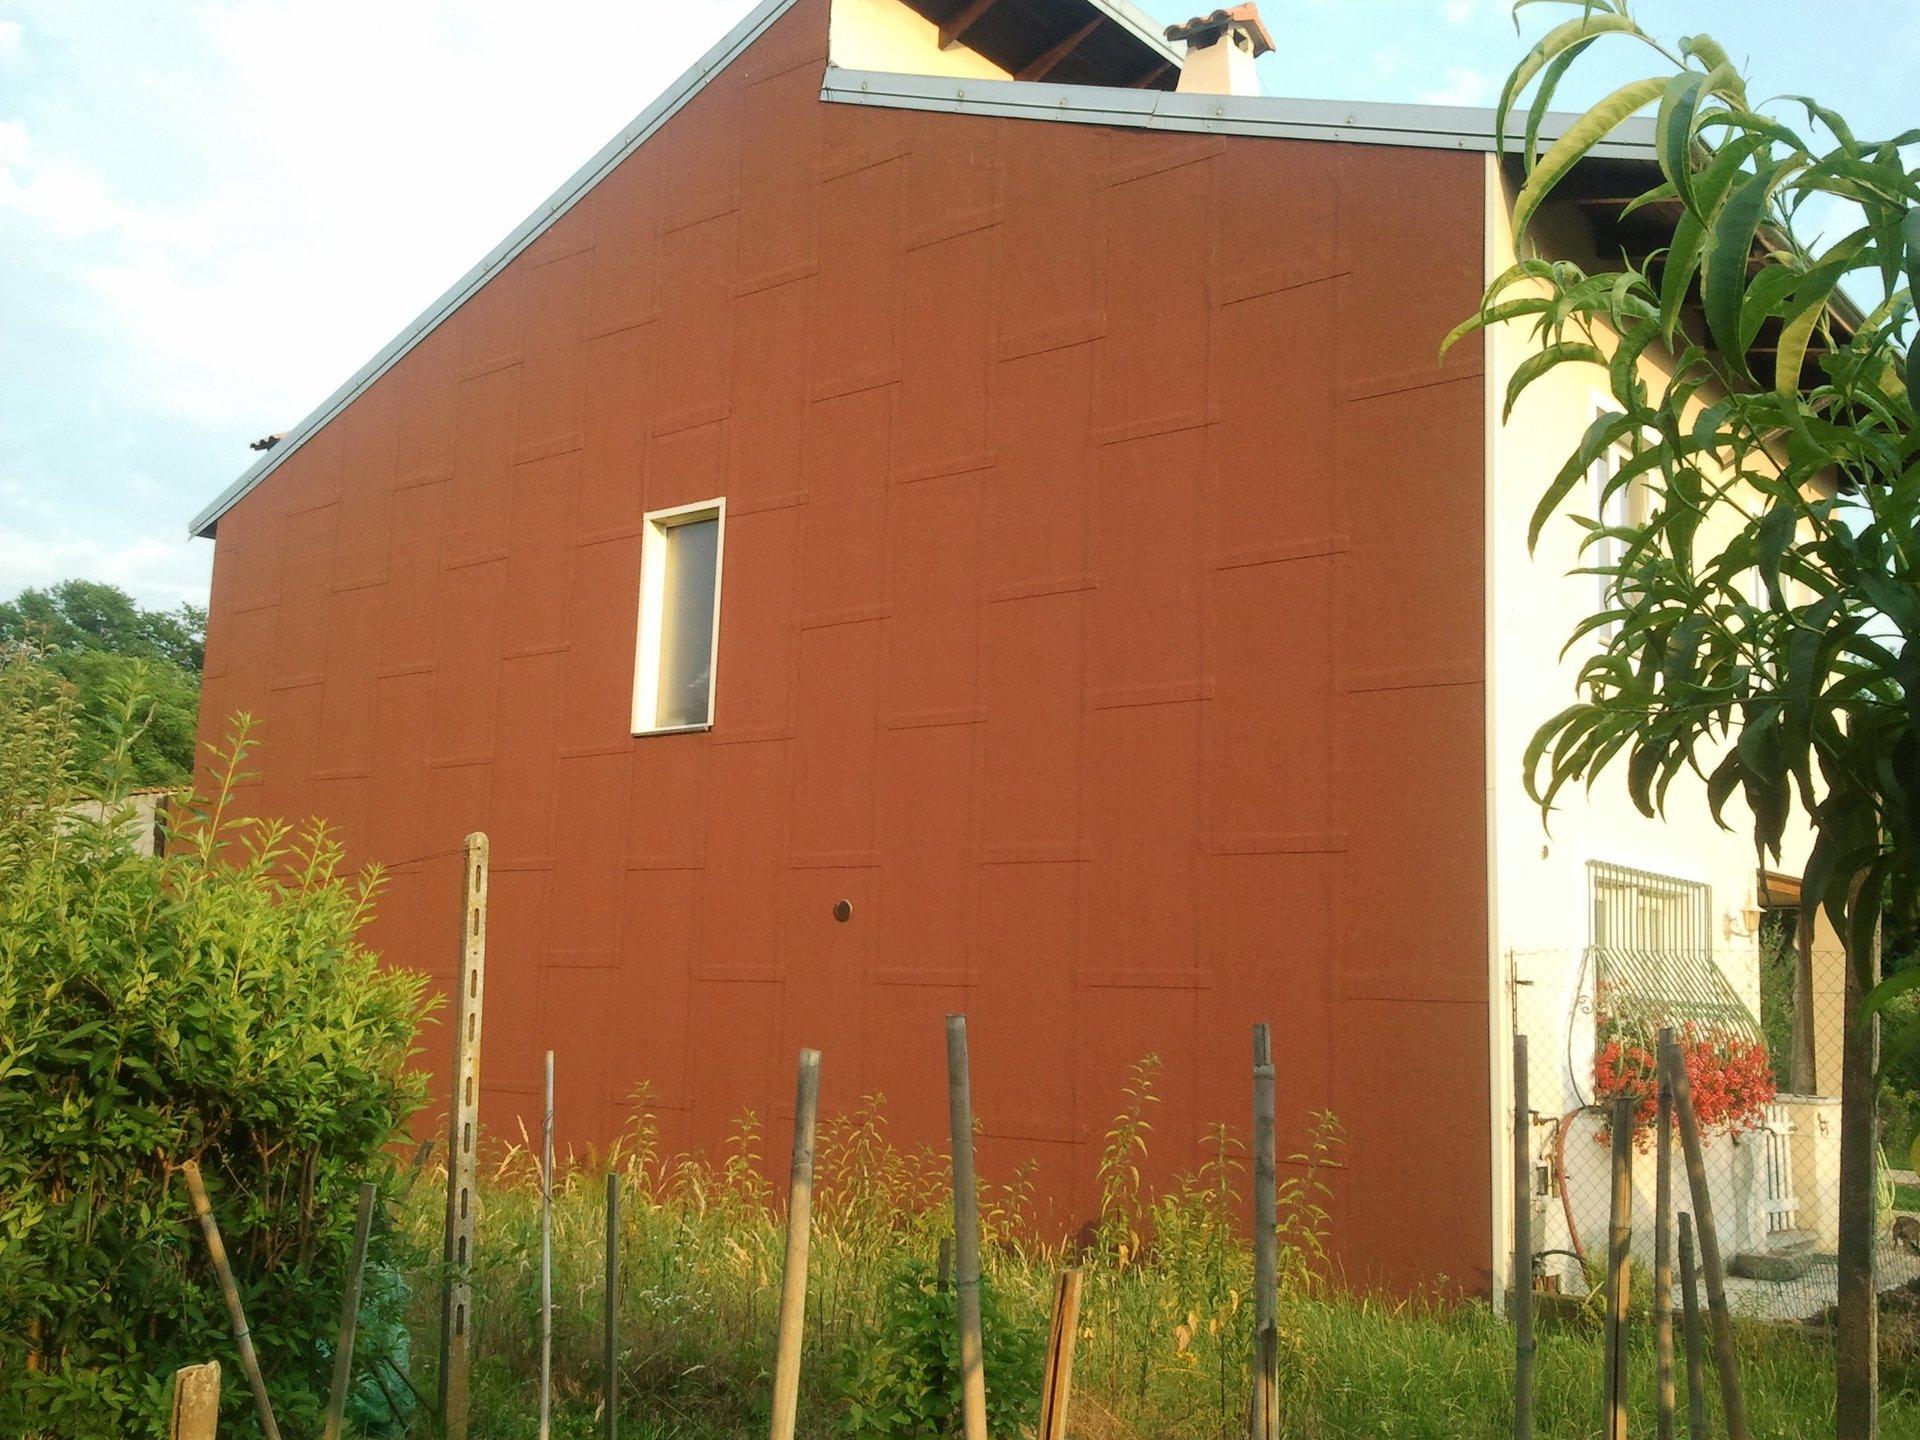 parete di edificio impermeabilizzata